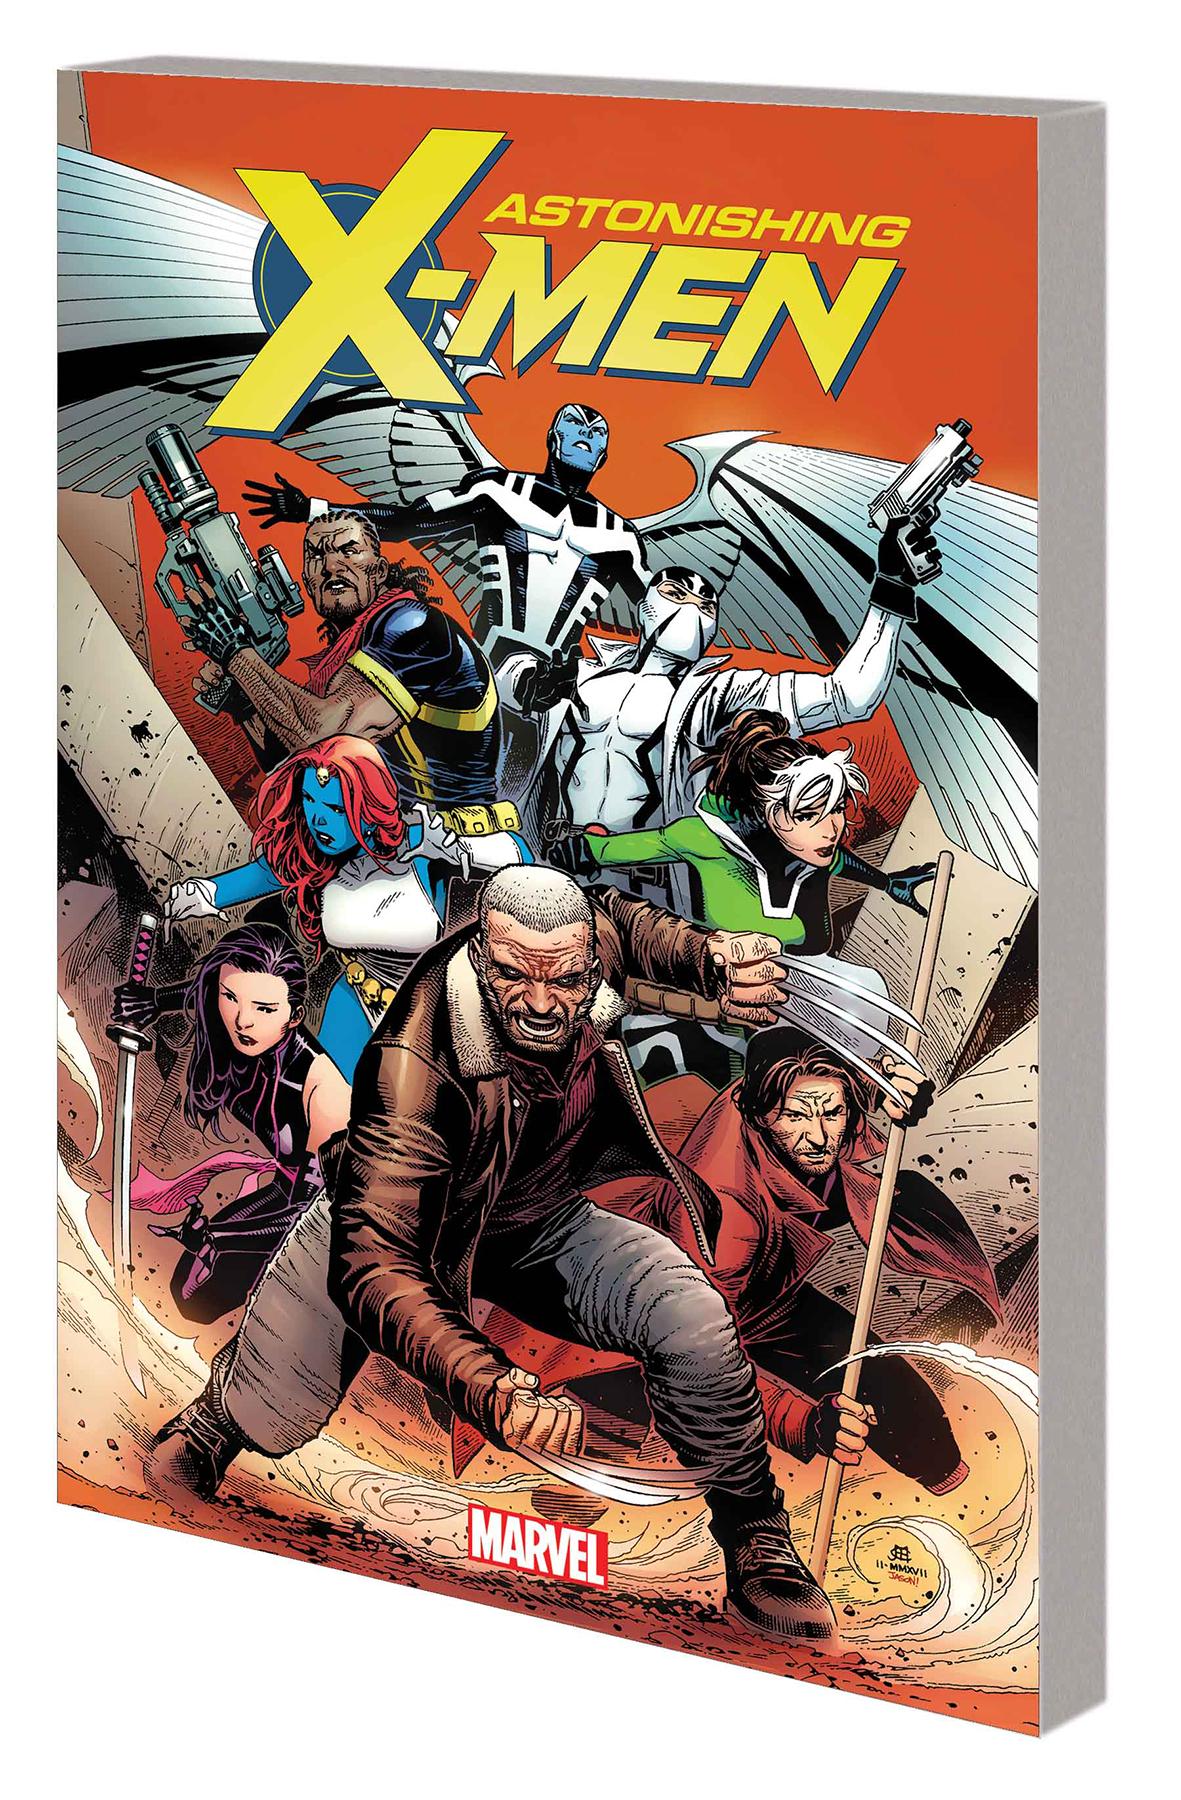 Jim Cheug - Astonishing X-Men